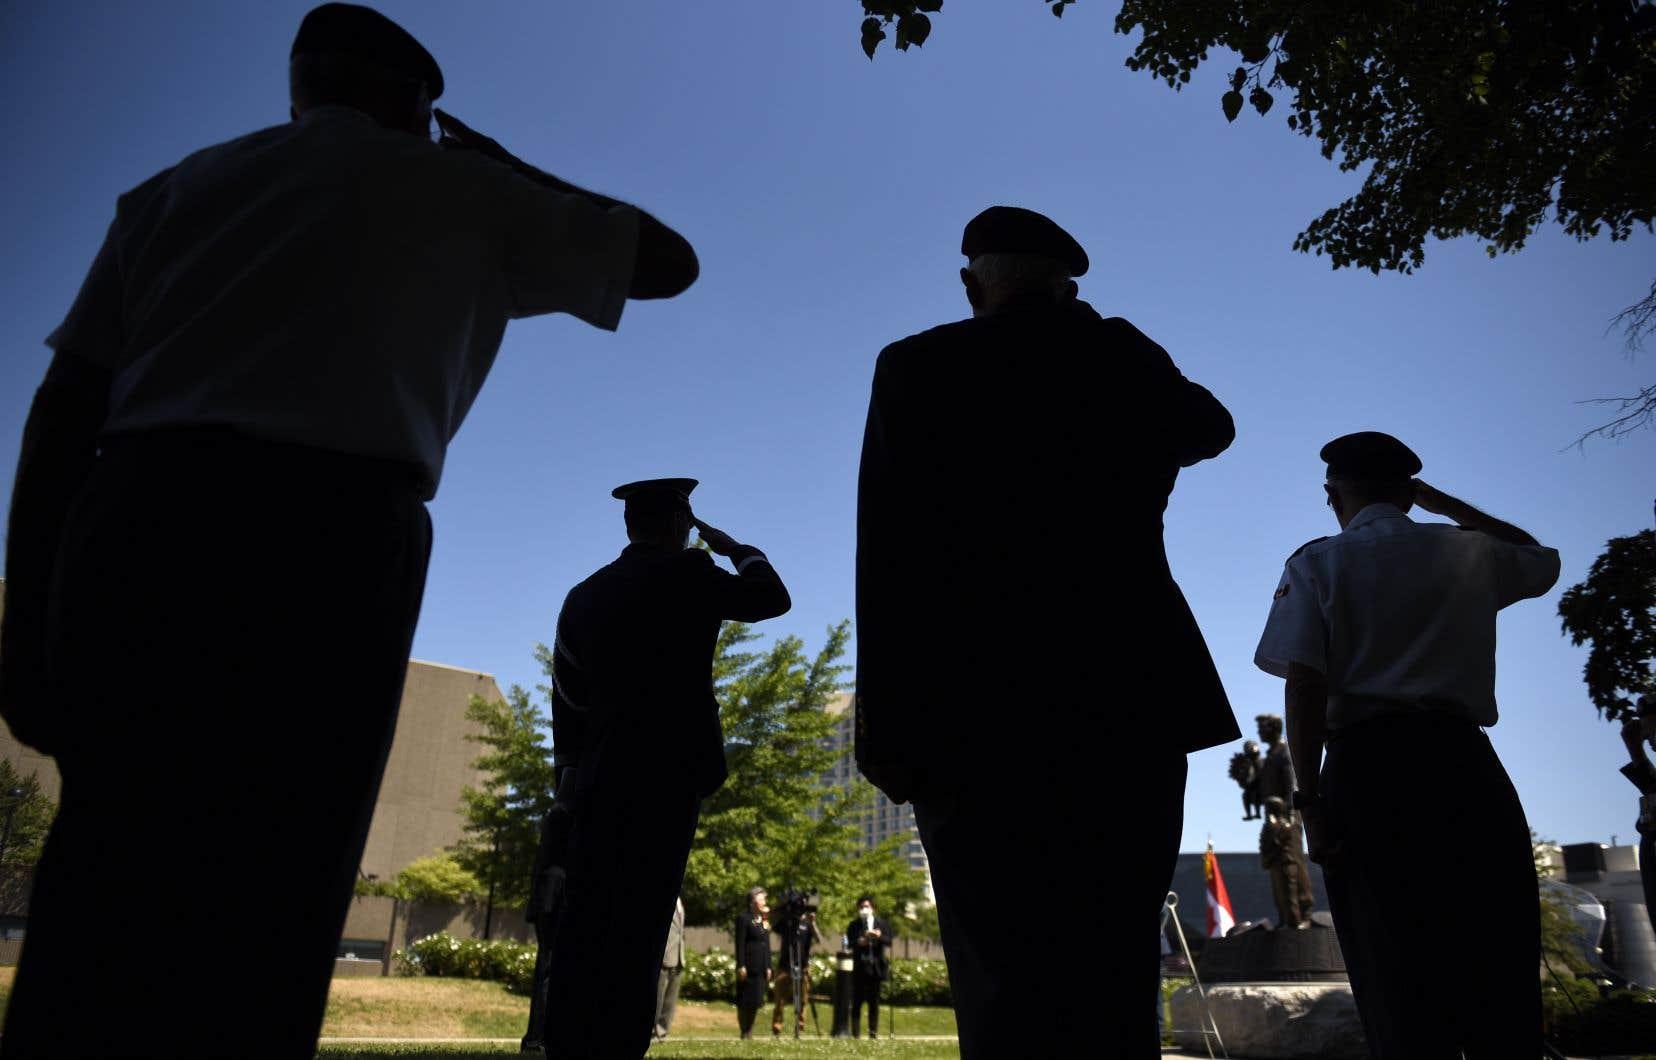 Un petit groupe de dignitaires canadiens et coréens ont assisté à la cérémonie, en compagnie d'une poignée d'anciens combattants qui ont participé au conflit.